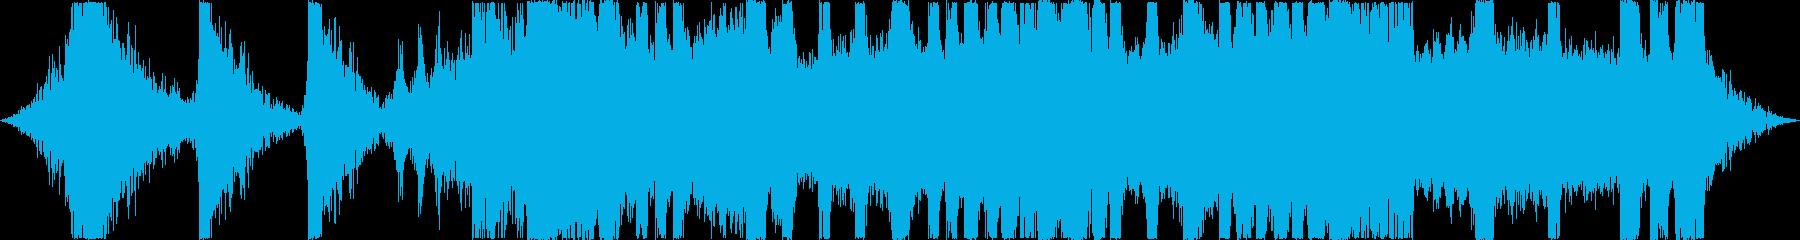 MADなシーンの演出系BGMの再生済みの波形